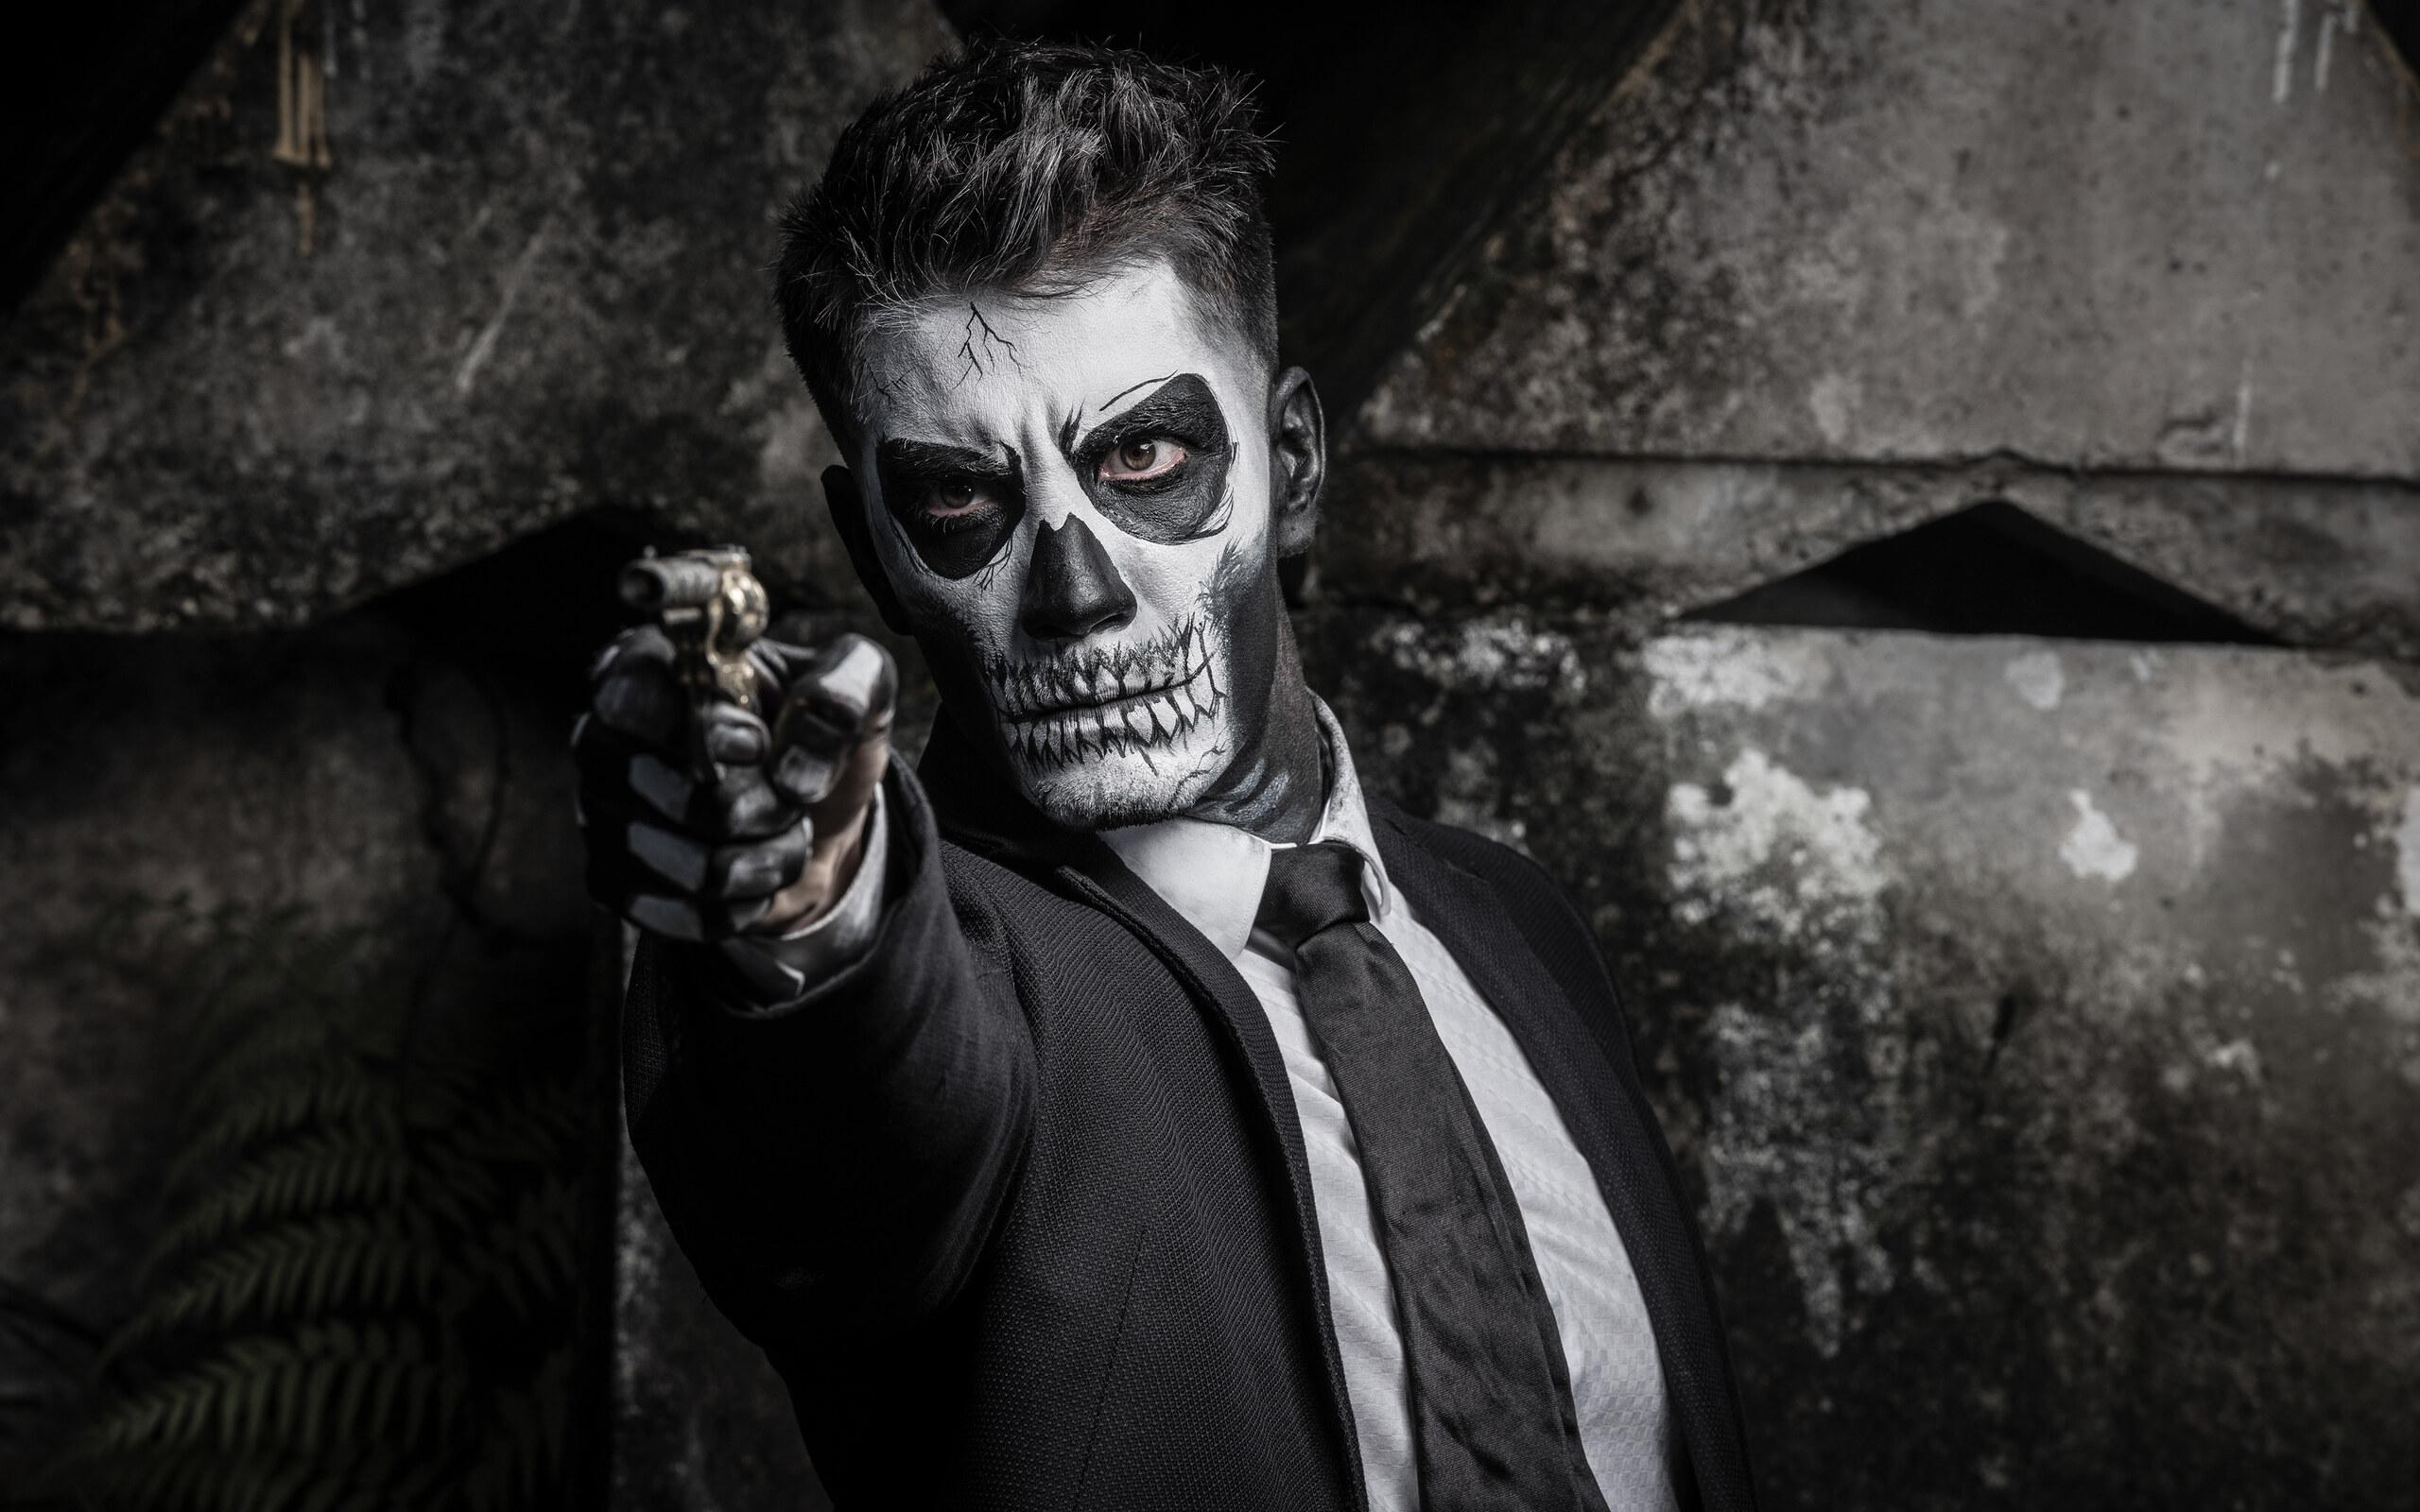 skull-face-guy-shooting-hr.jpg